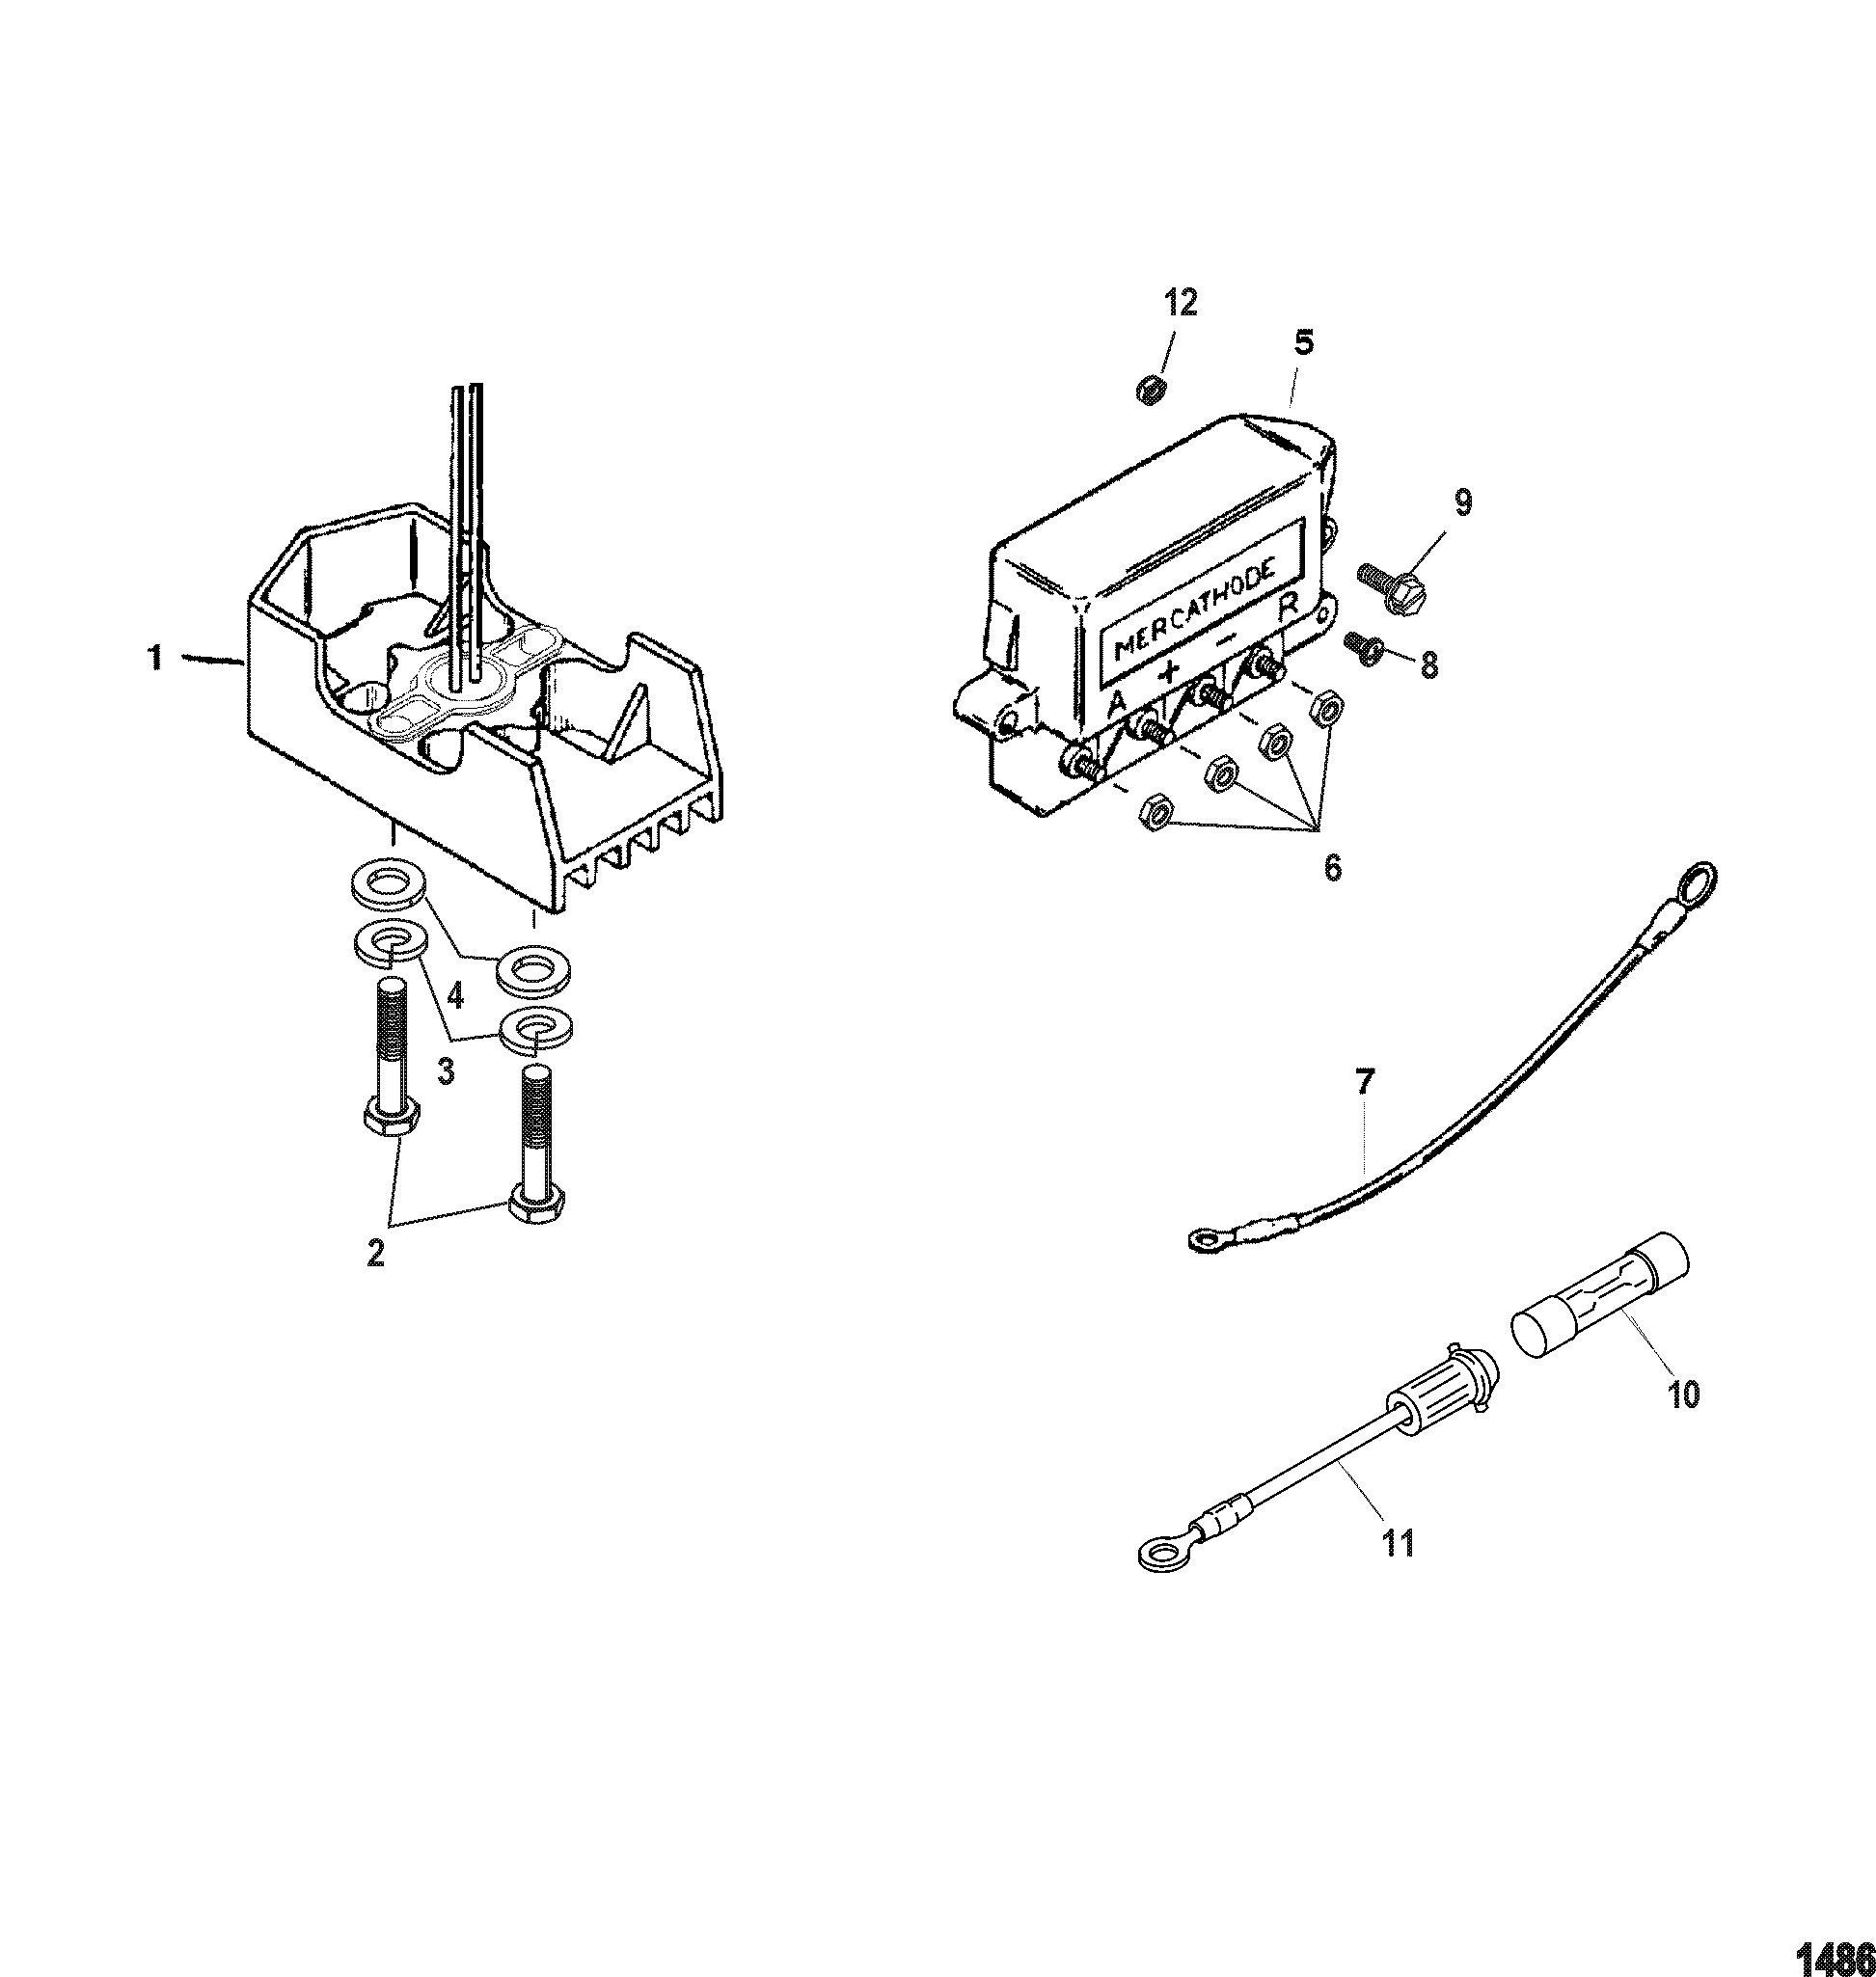 Mercathode Components For Mercruiser 4 3l Mpi Alpha Bravo